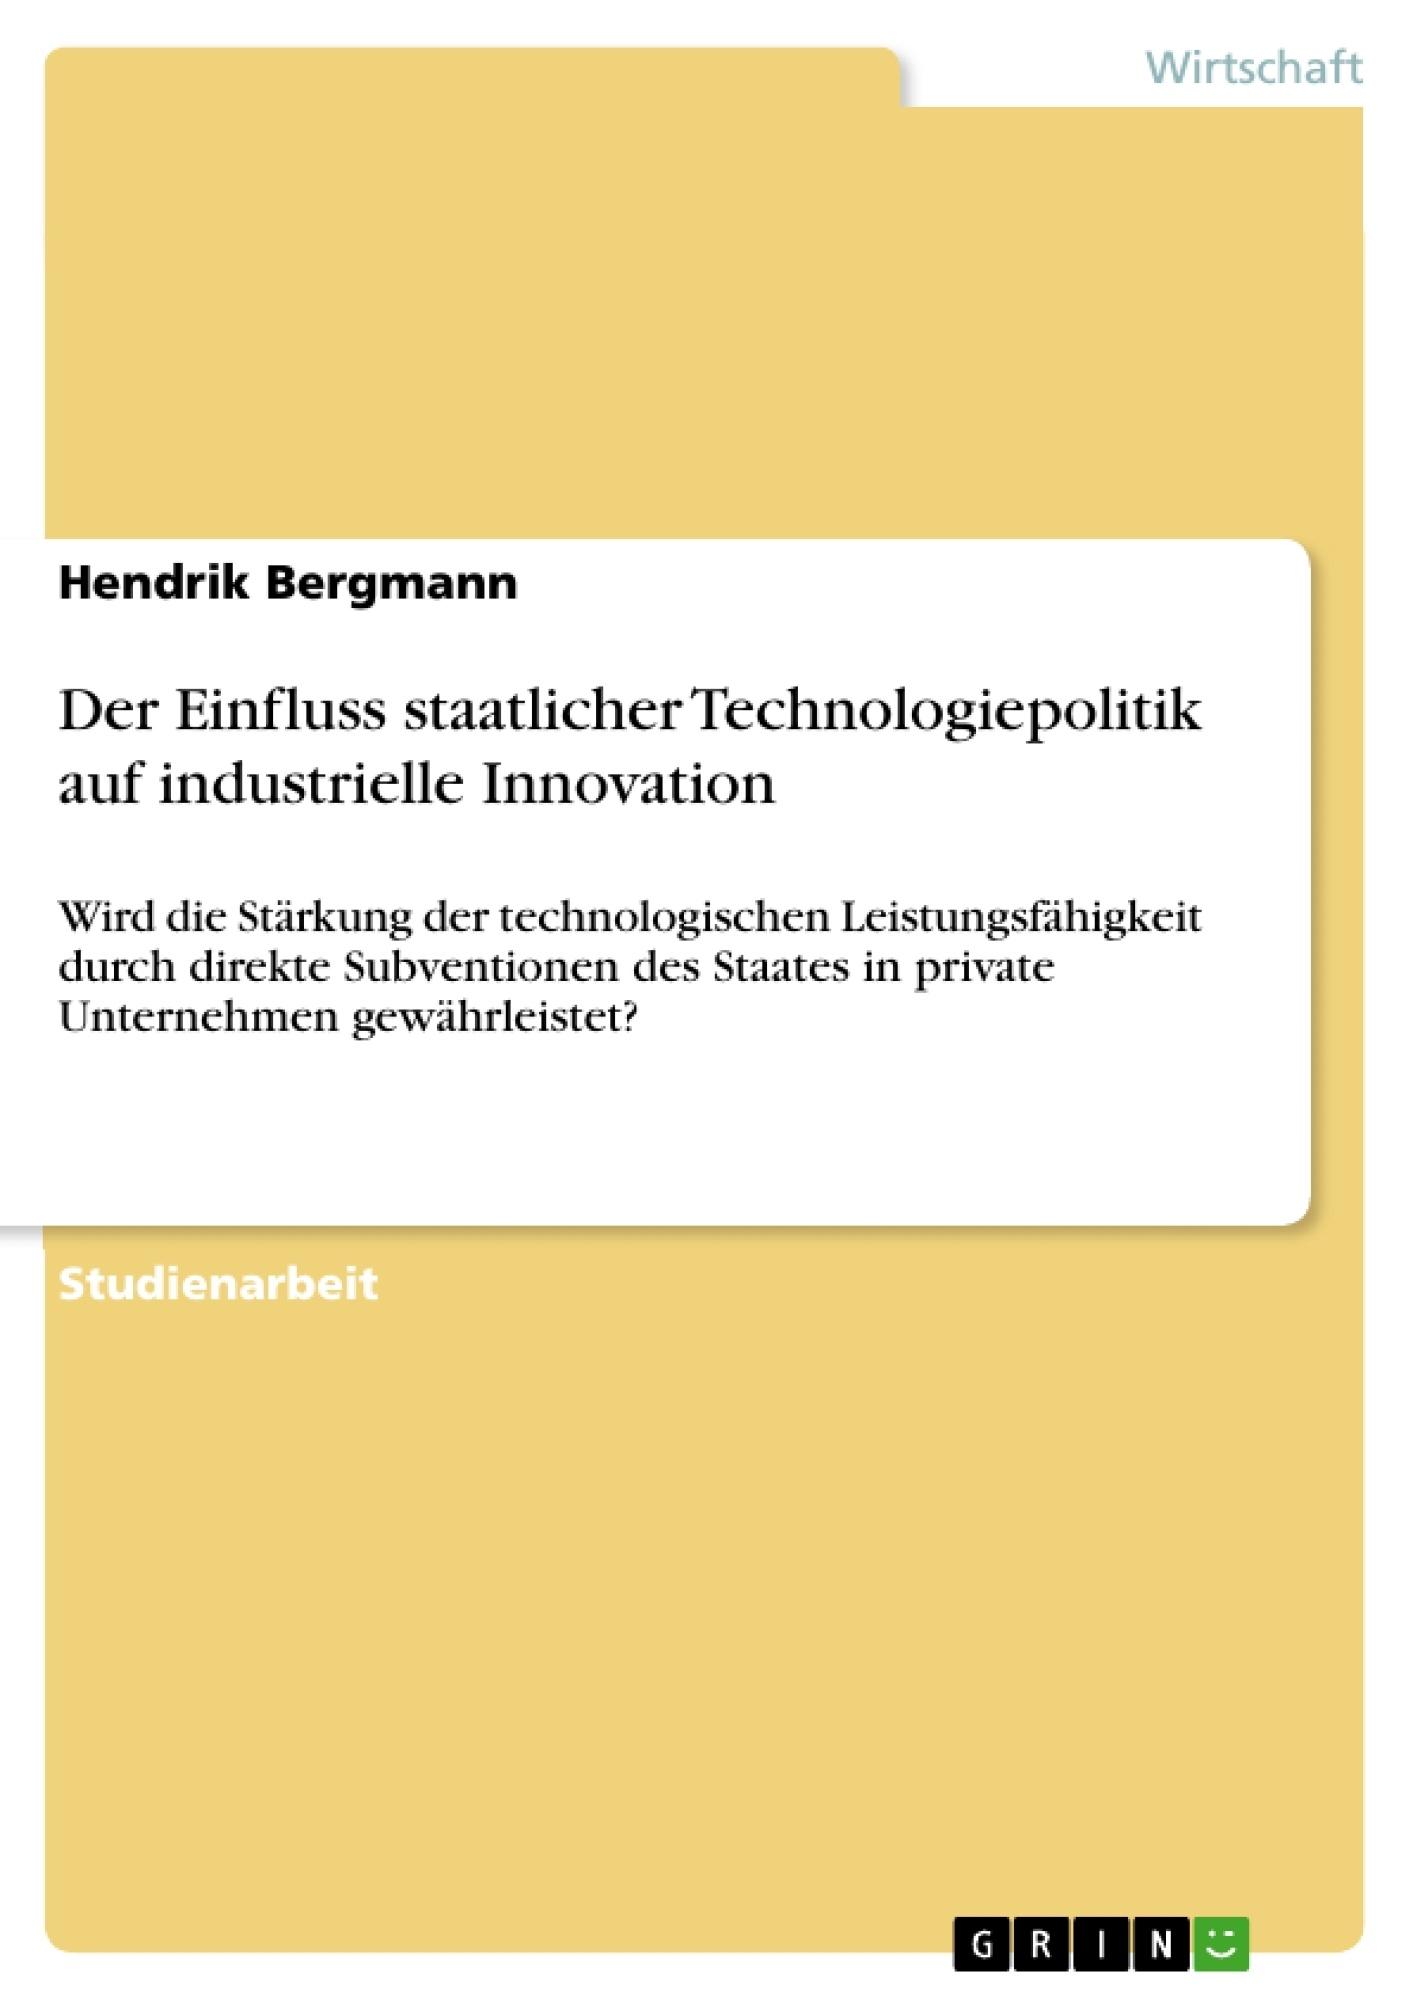 Titel: Der Einfluss staatlicher Technologiepolitik auf industrielle Innovation